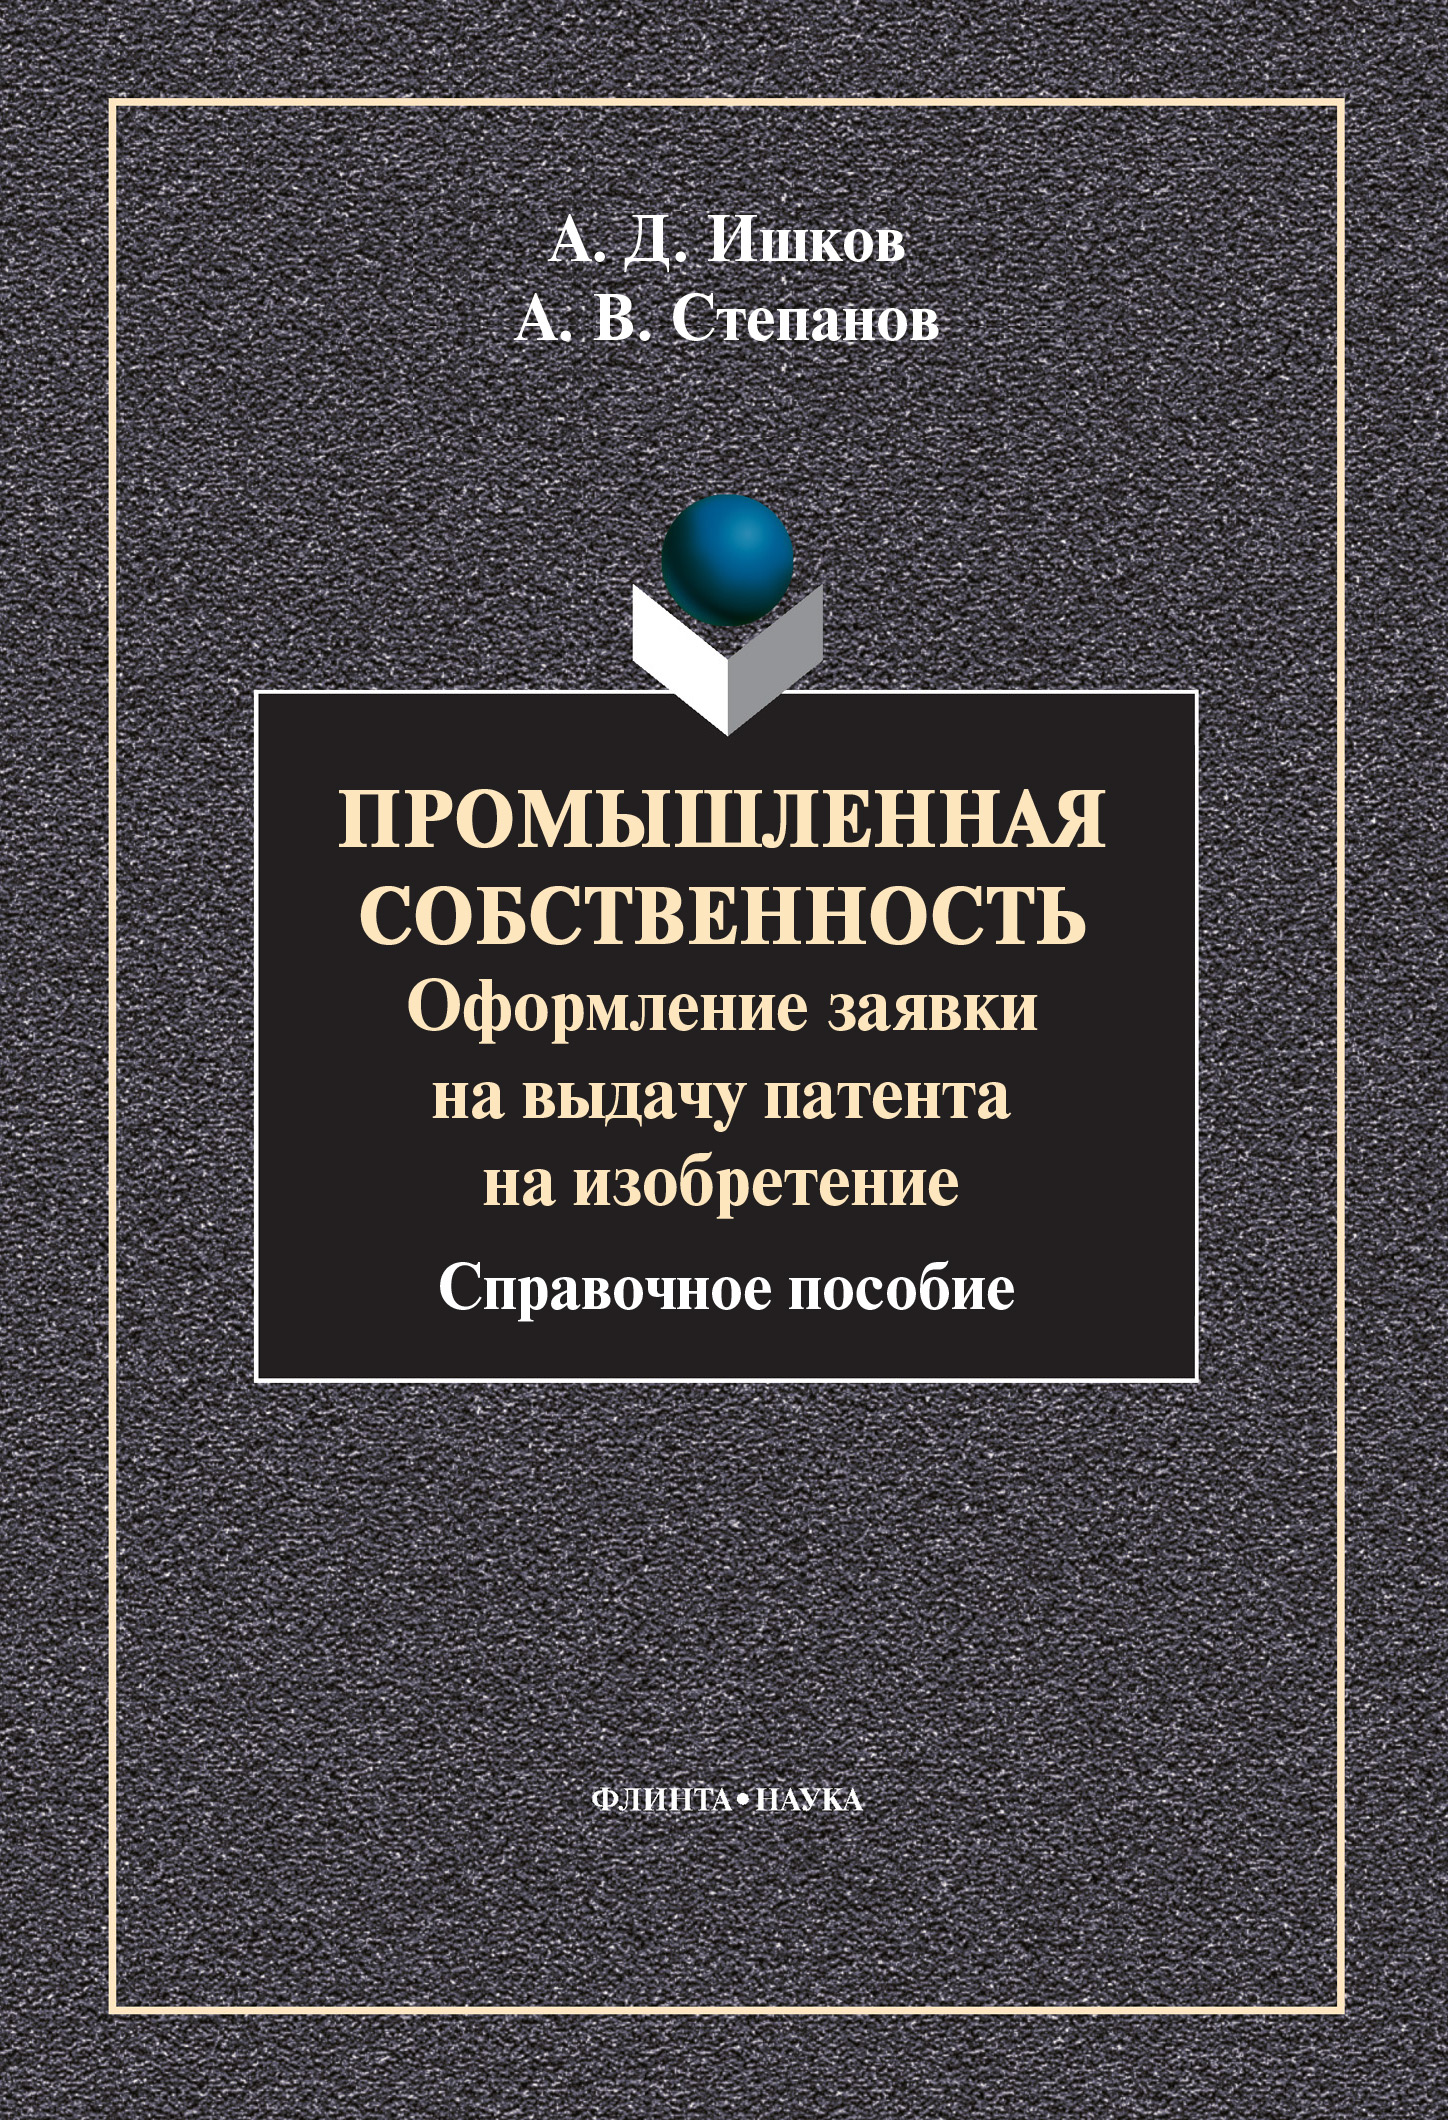 А. В. Степанов Промышленная собственность. Оформление заявки на выдачу патента на изобретение цена